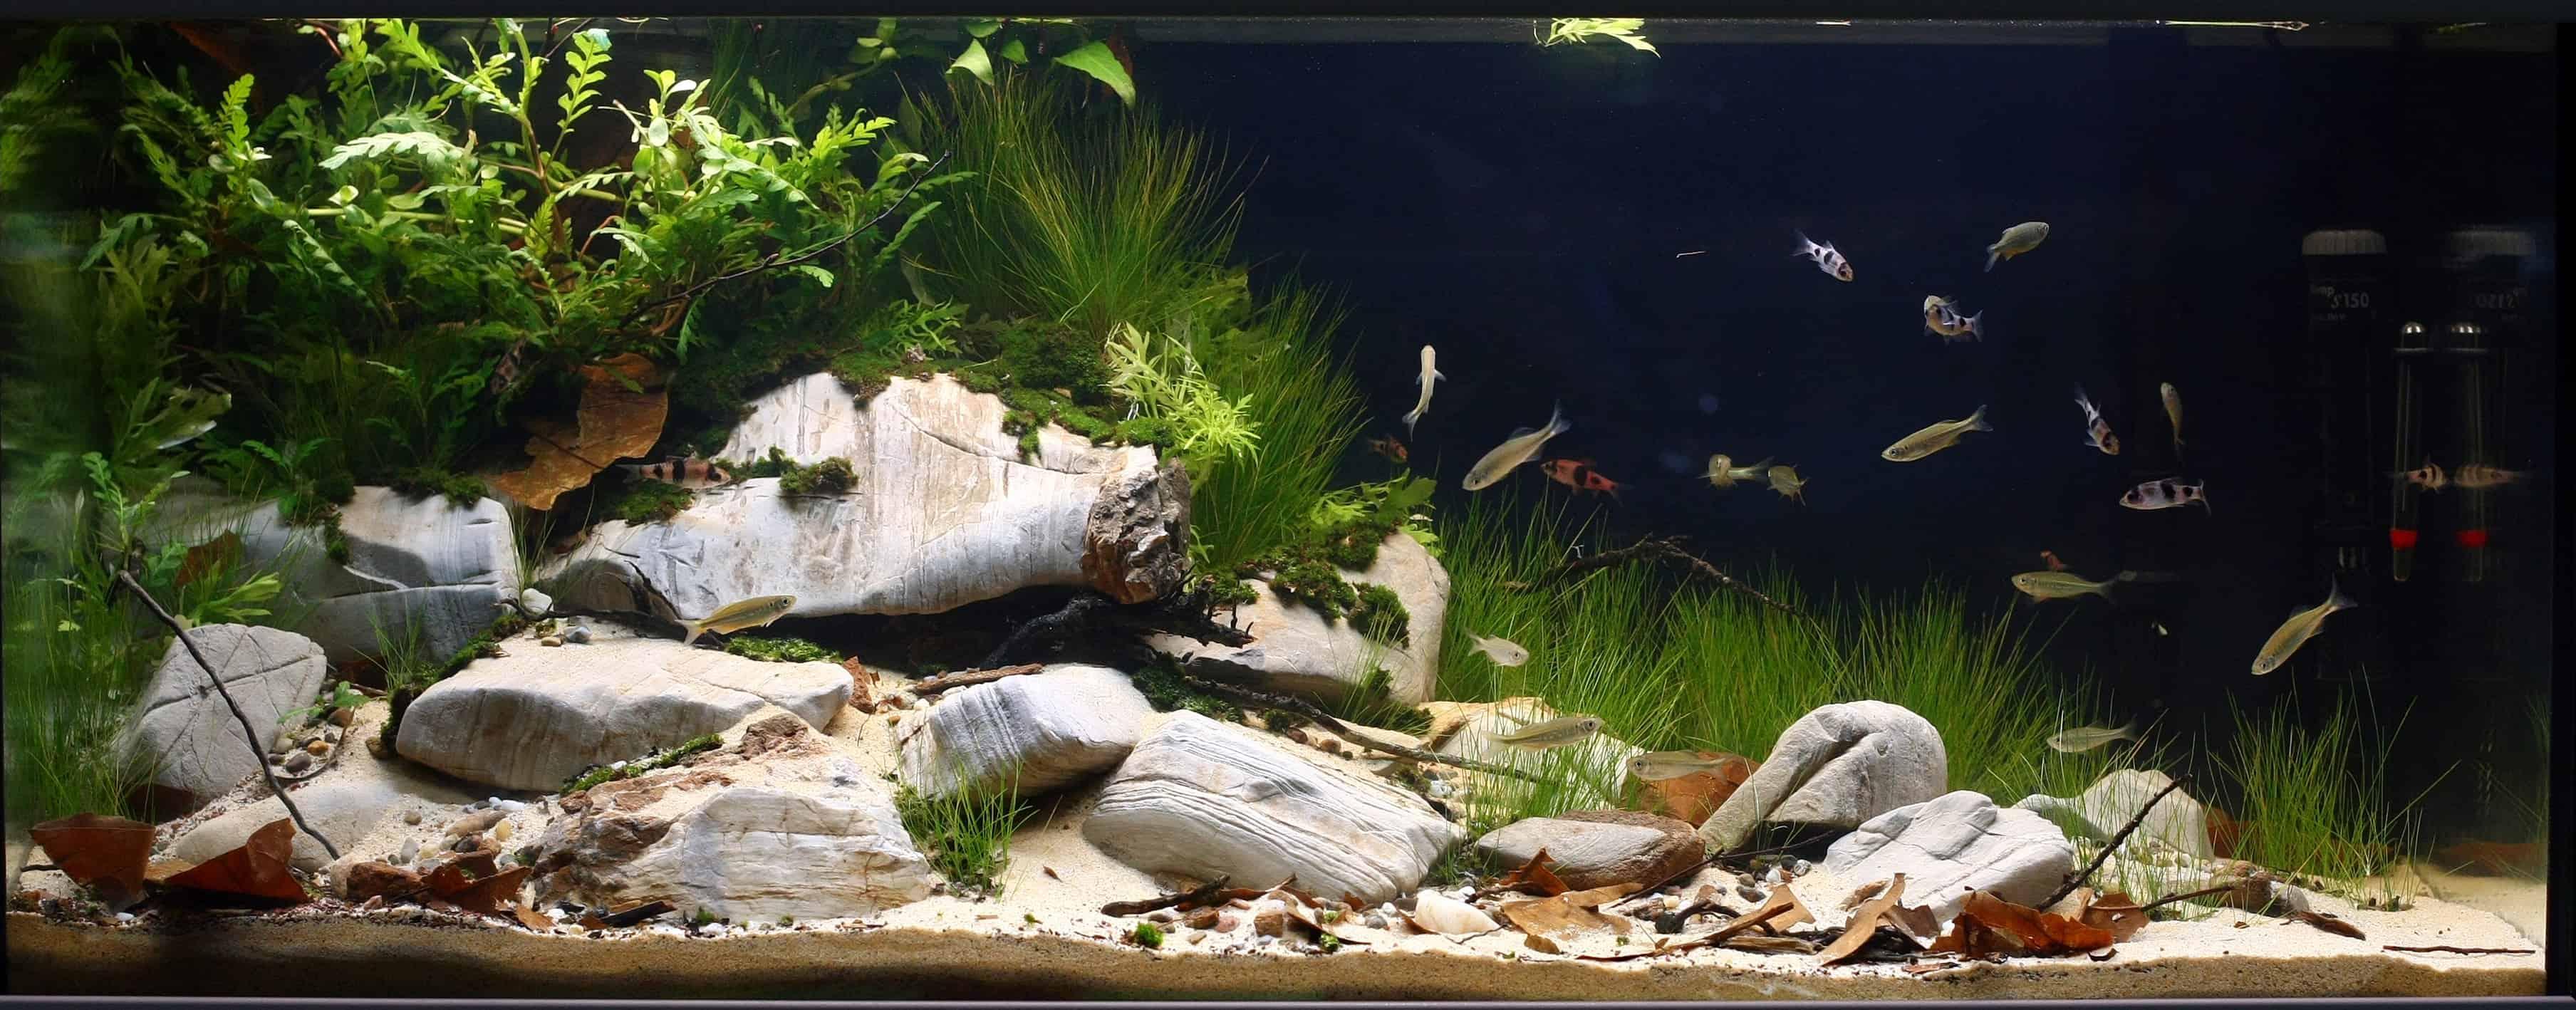 Biotop-Aquarium: Ein Lebensraum wie in der Natur 2